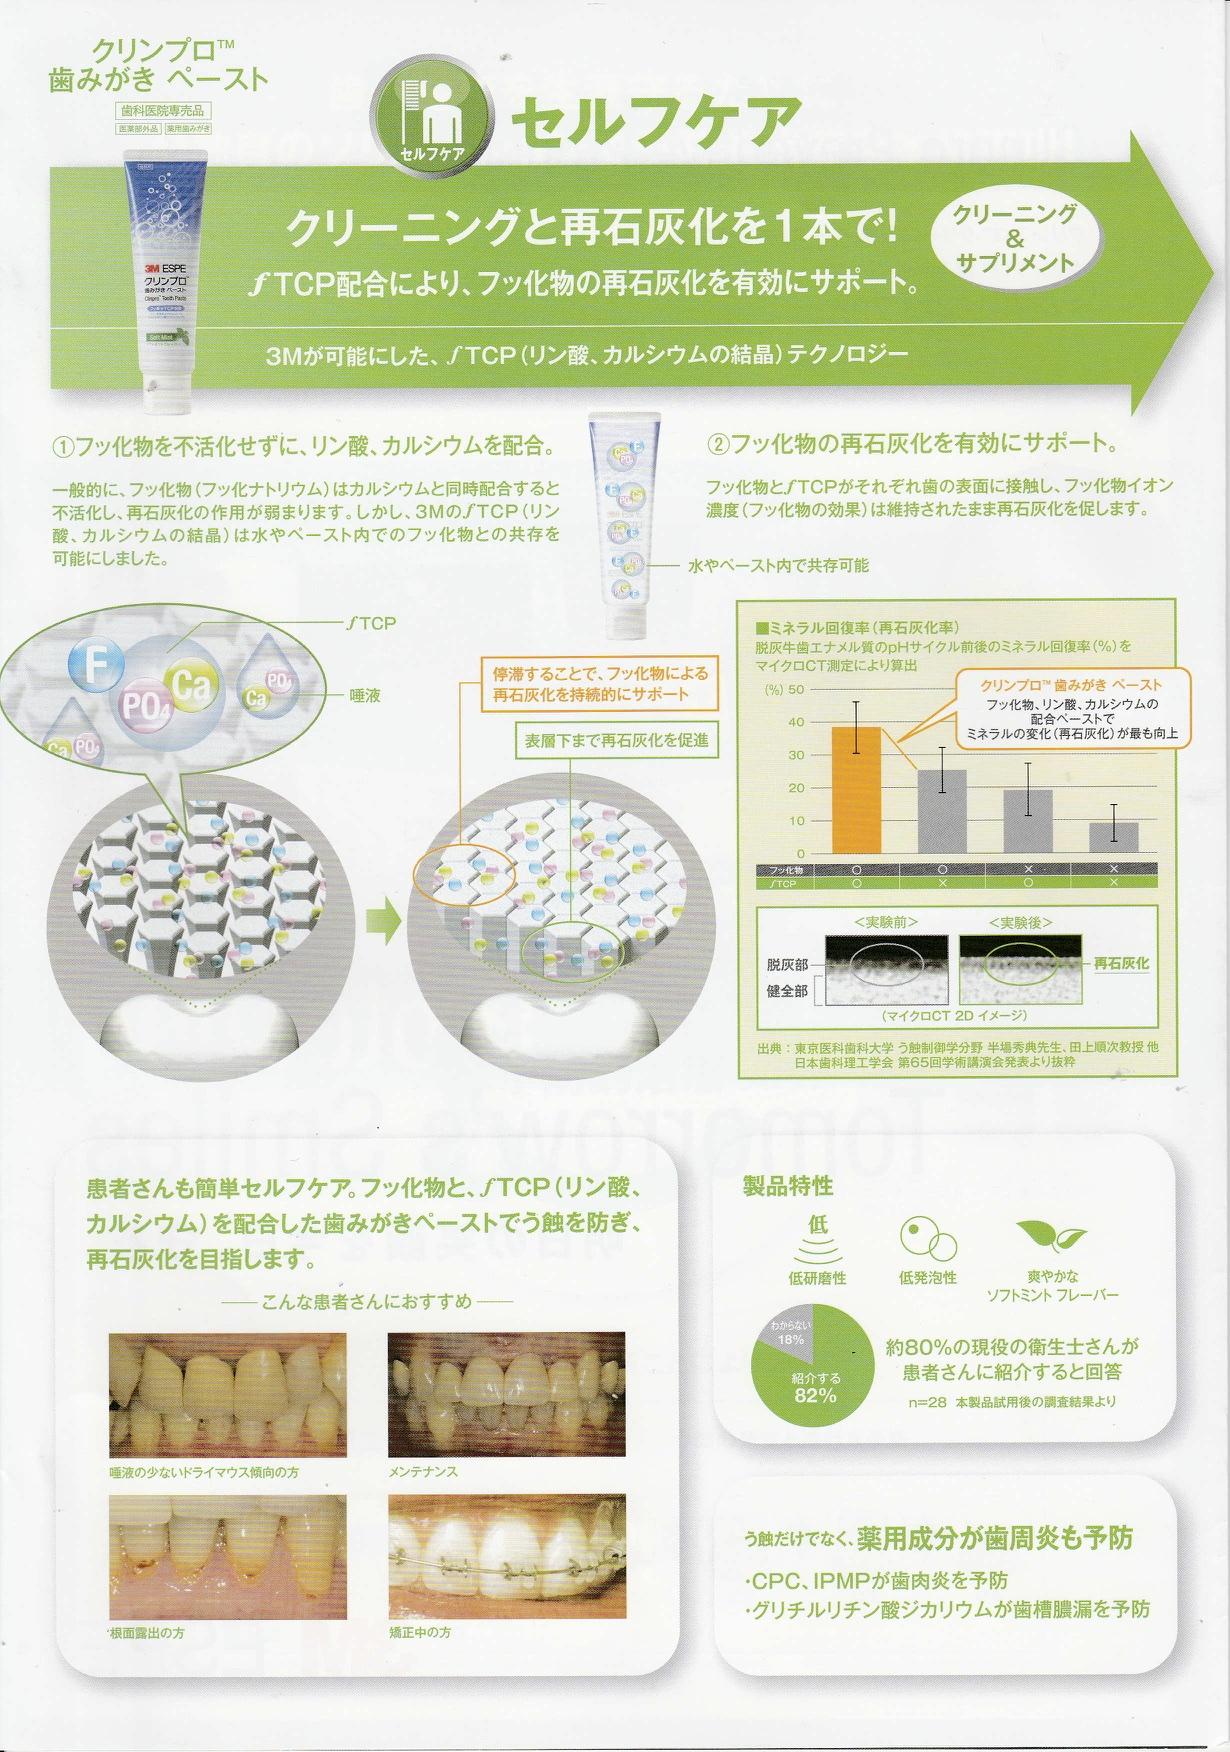 名古屋歯みがき道場 カルシウム、リン、フッ素が入った歯みがき粉が業界初登場!